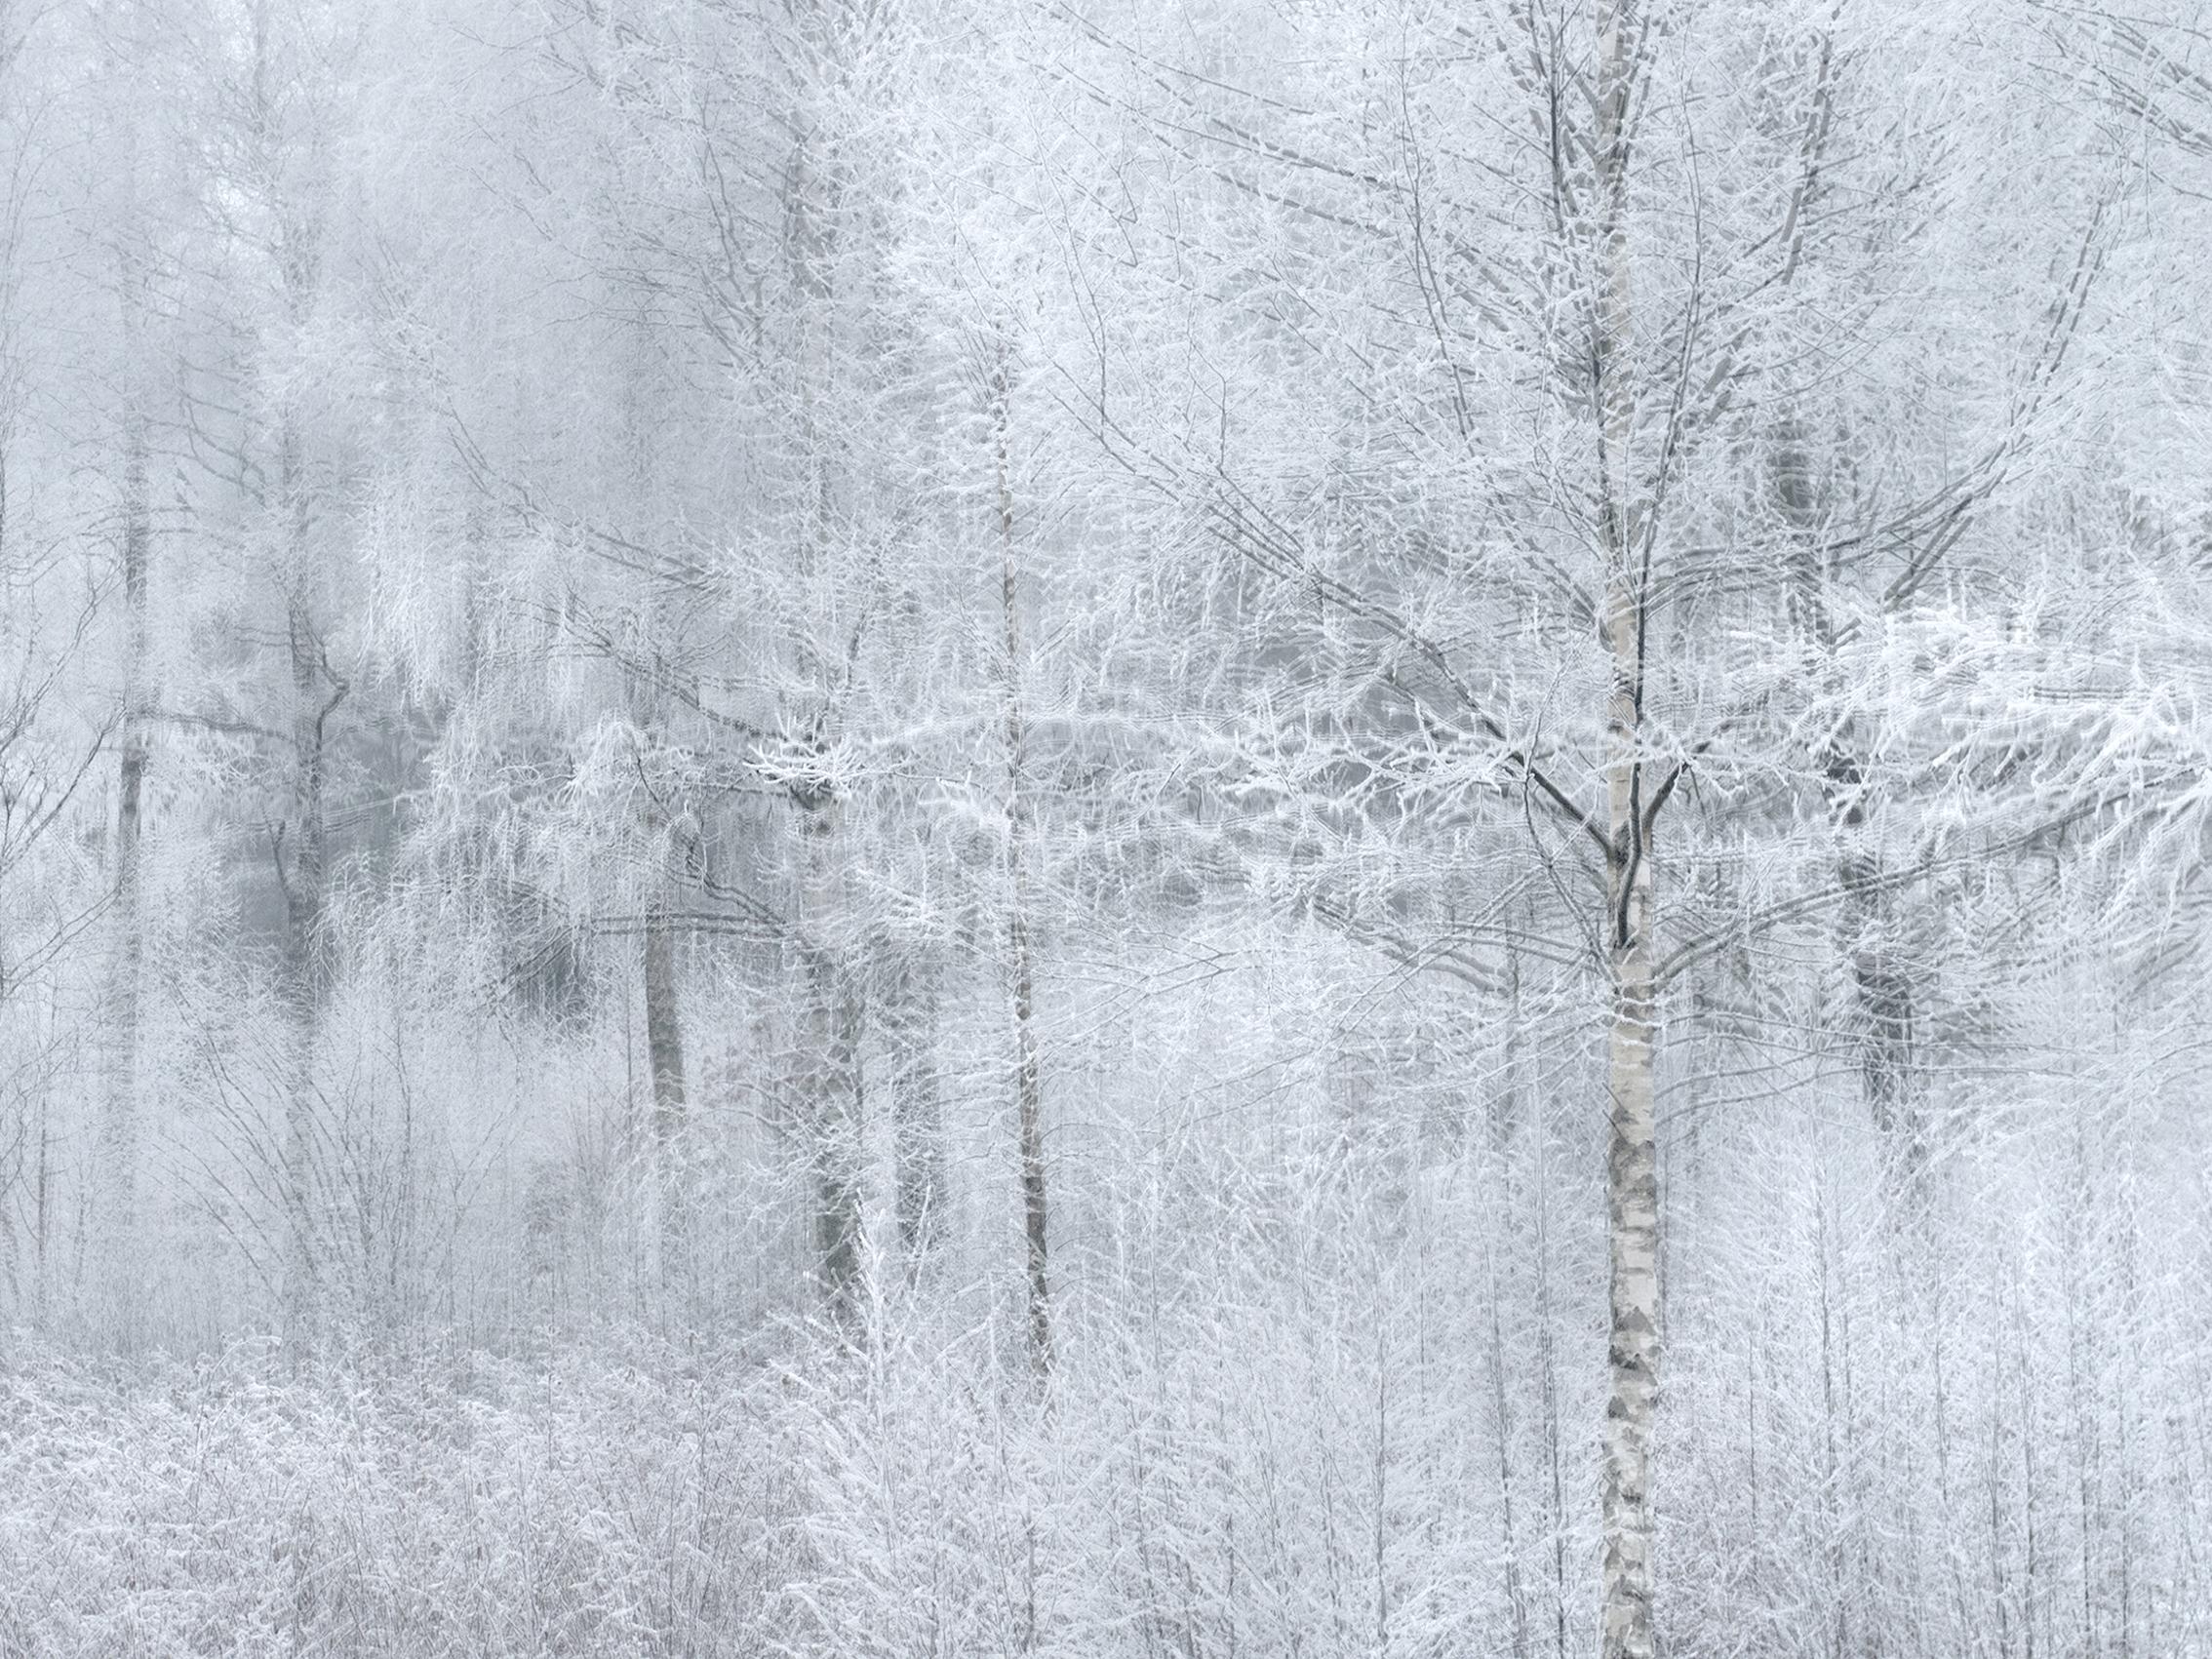 whiteout_1091299.jpg